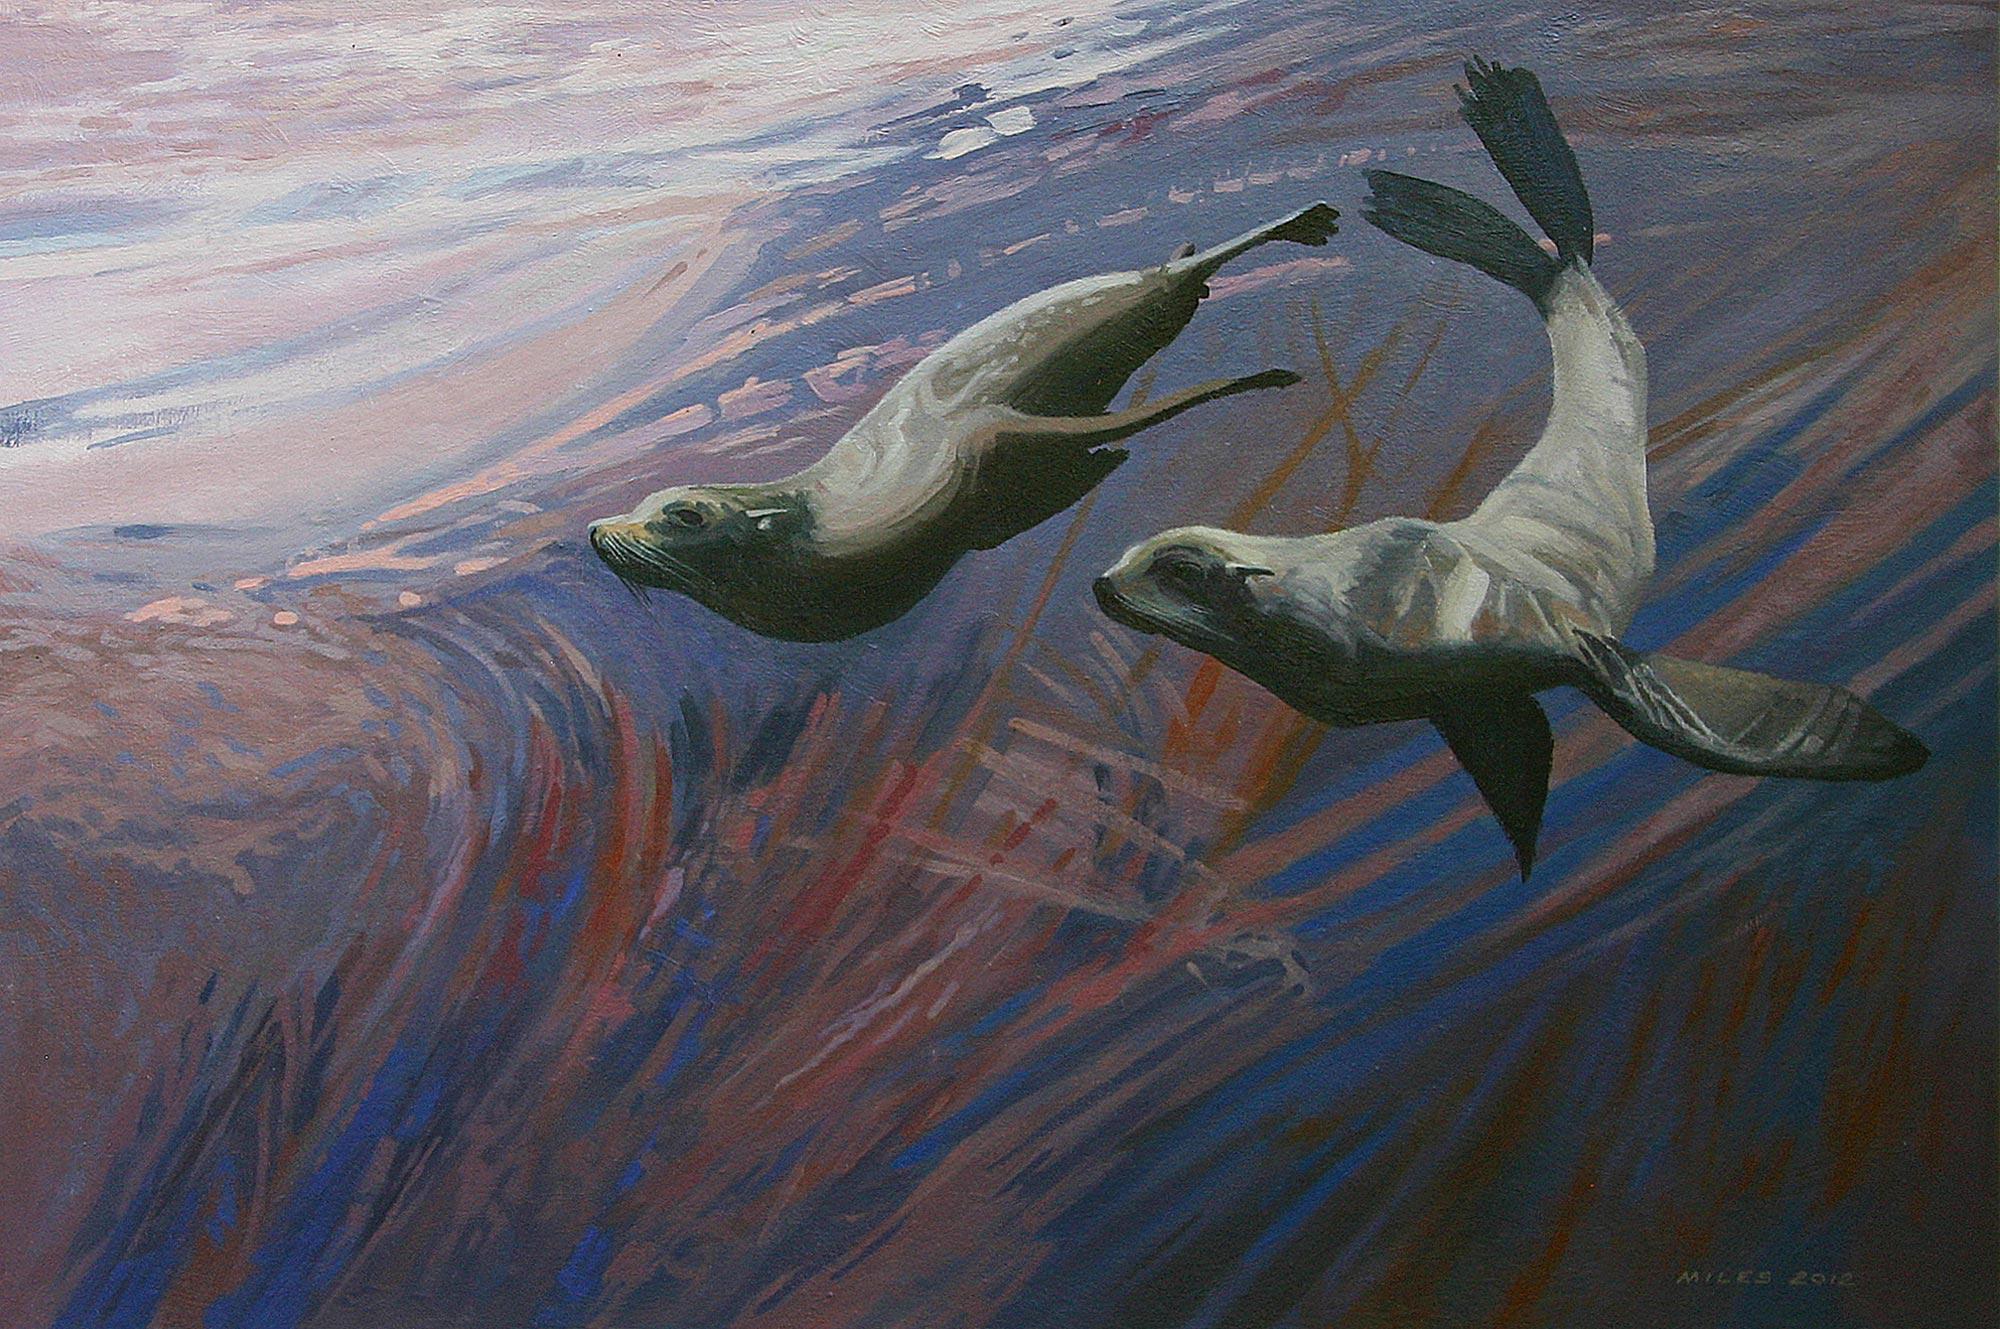 Gerry_Miles_divepaint_underwater_paintings_Galapagos_Fur_Seals.jpg